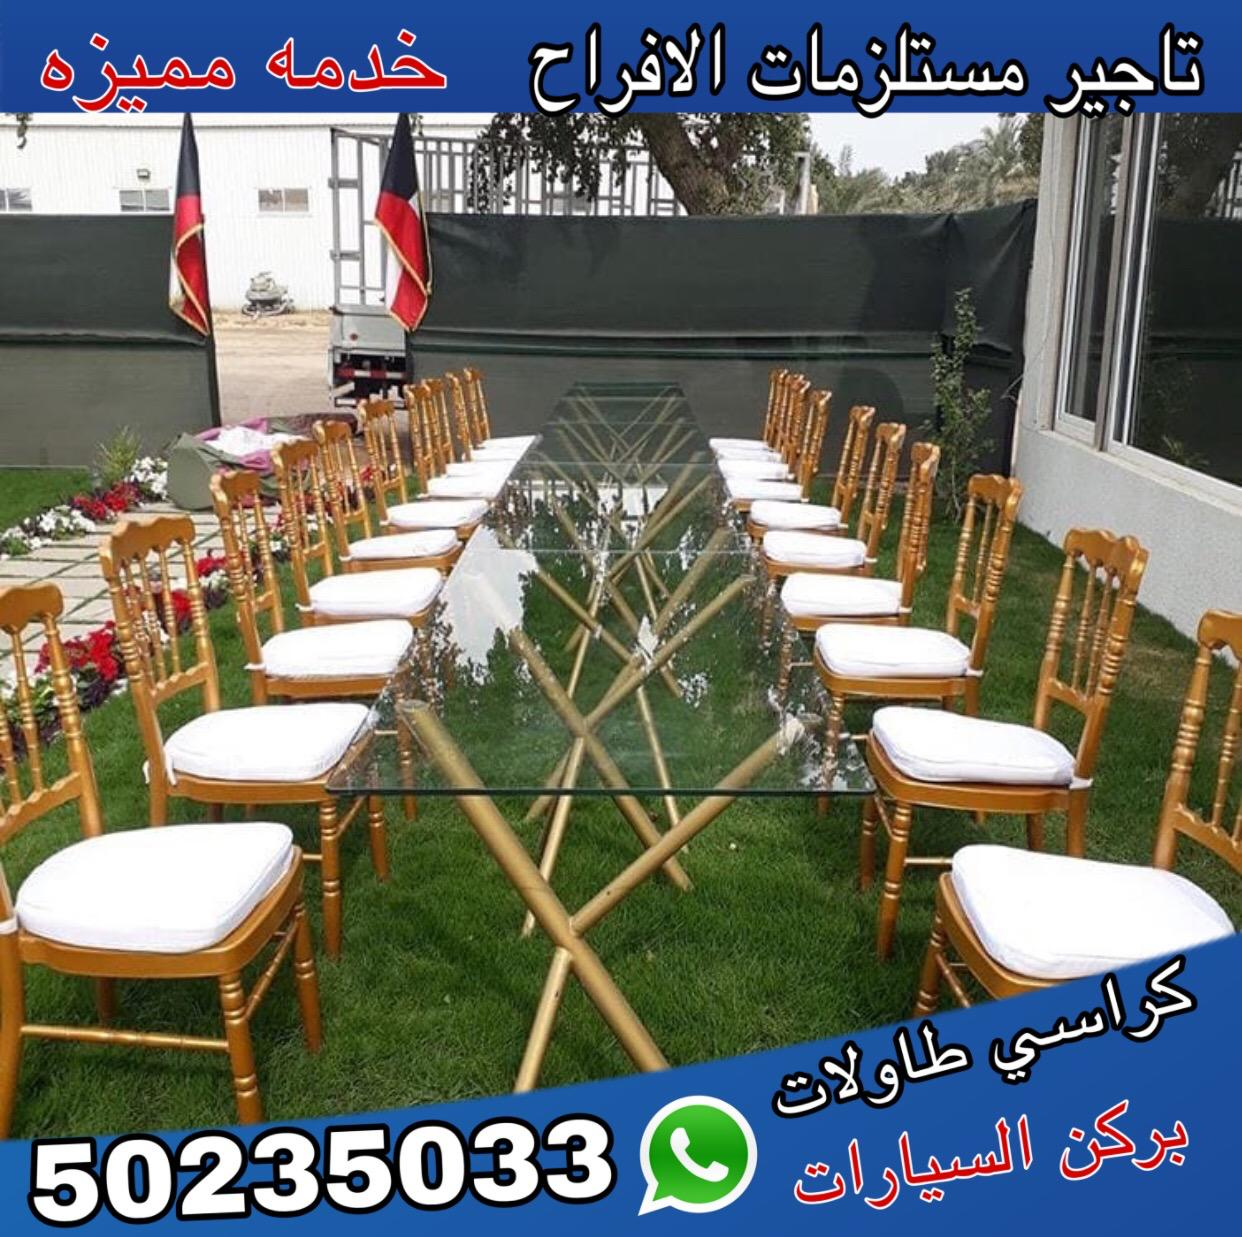 تاجير كراسي نابليون الكويت | 50235033 | الفخامة الكويتية